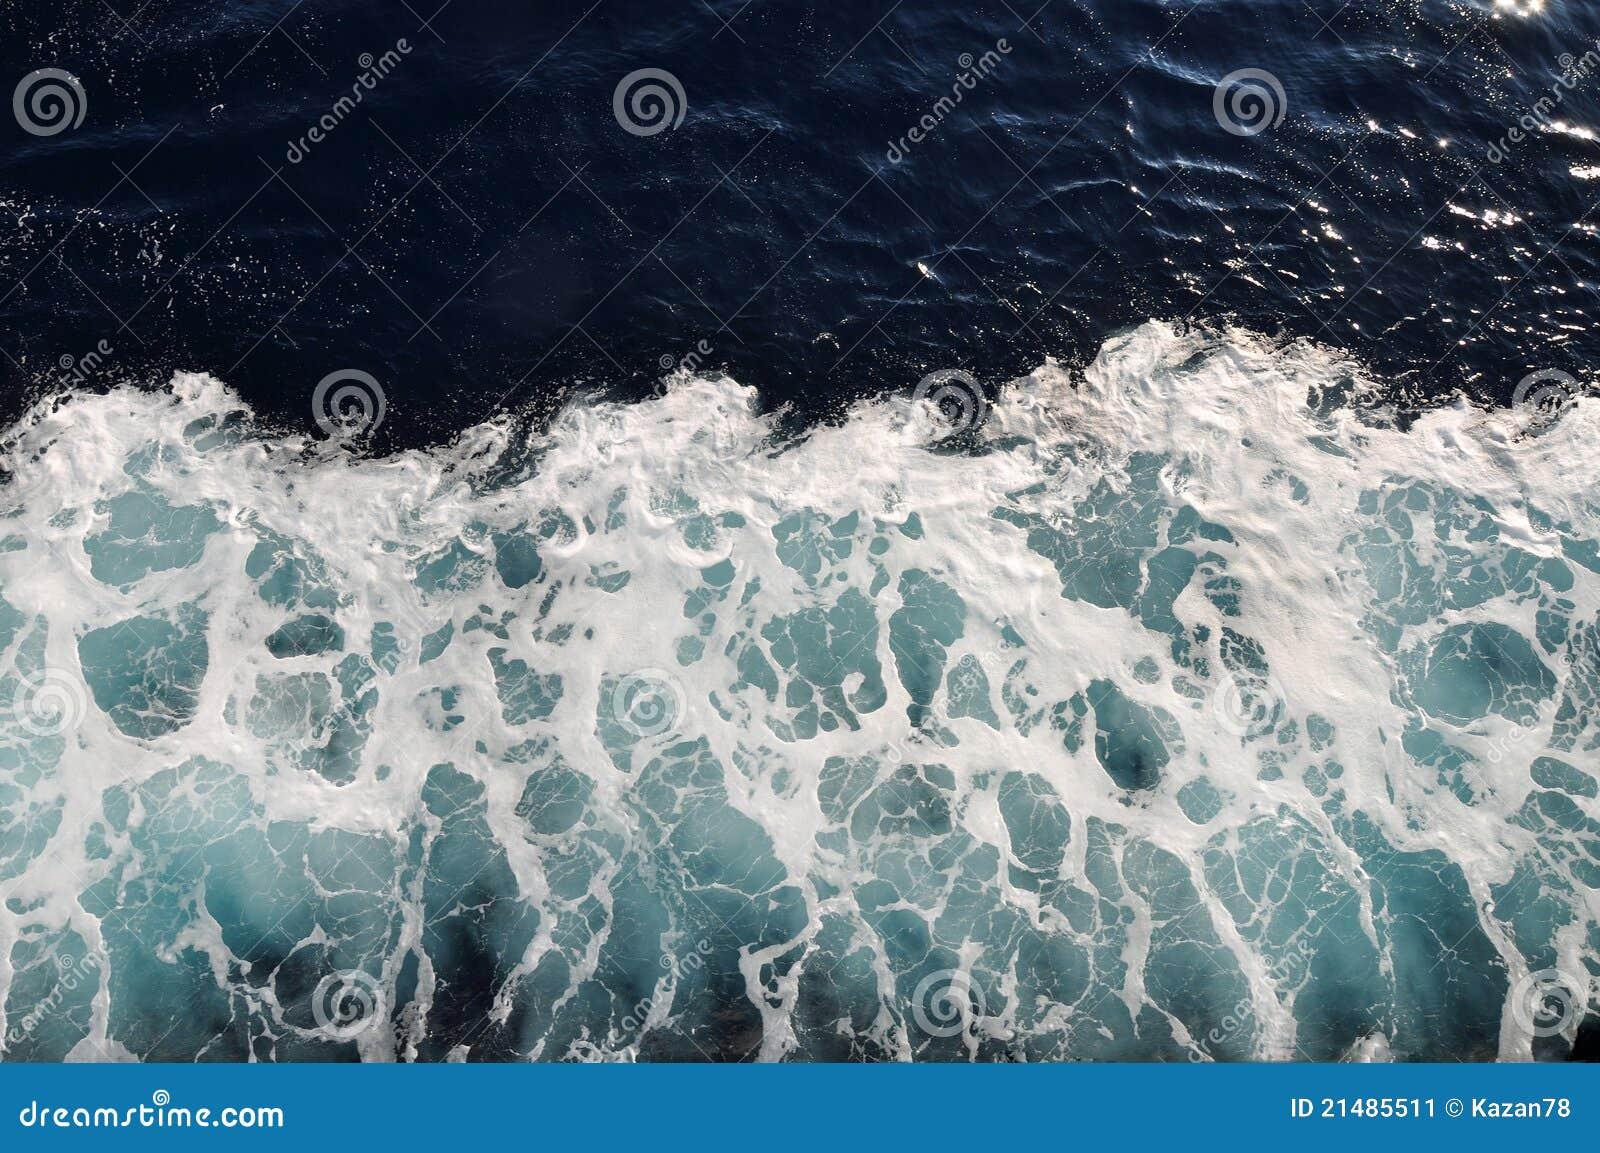 Sea water foam texture